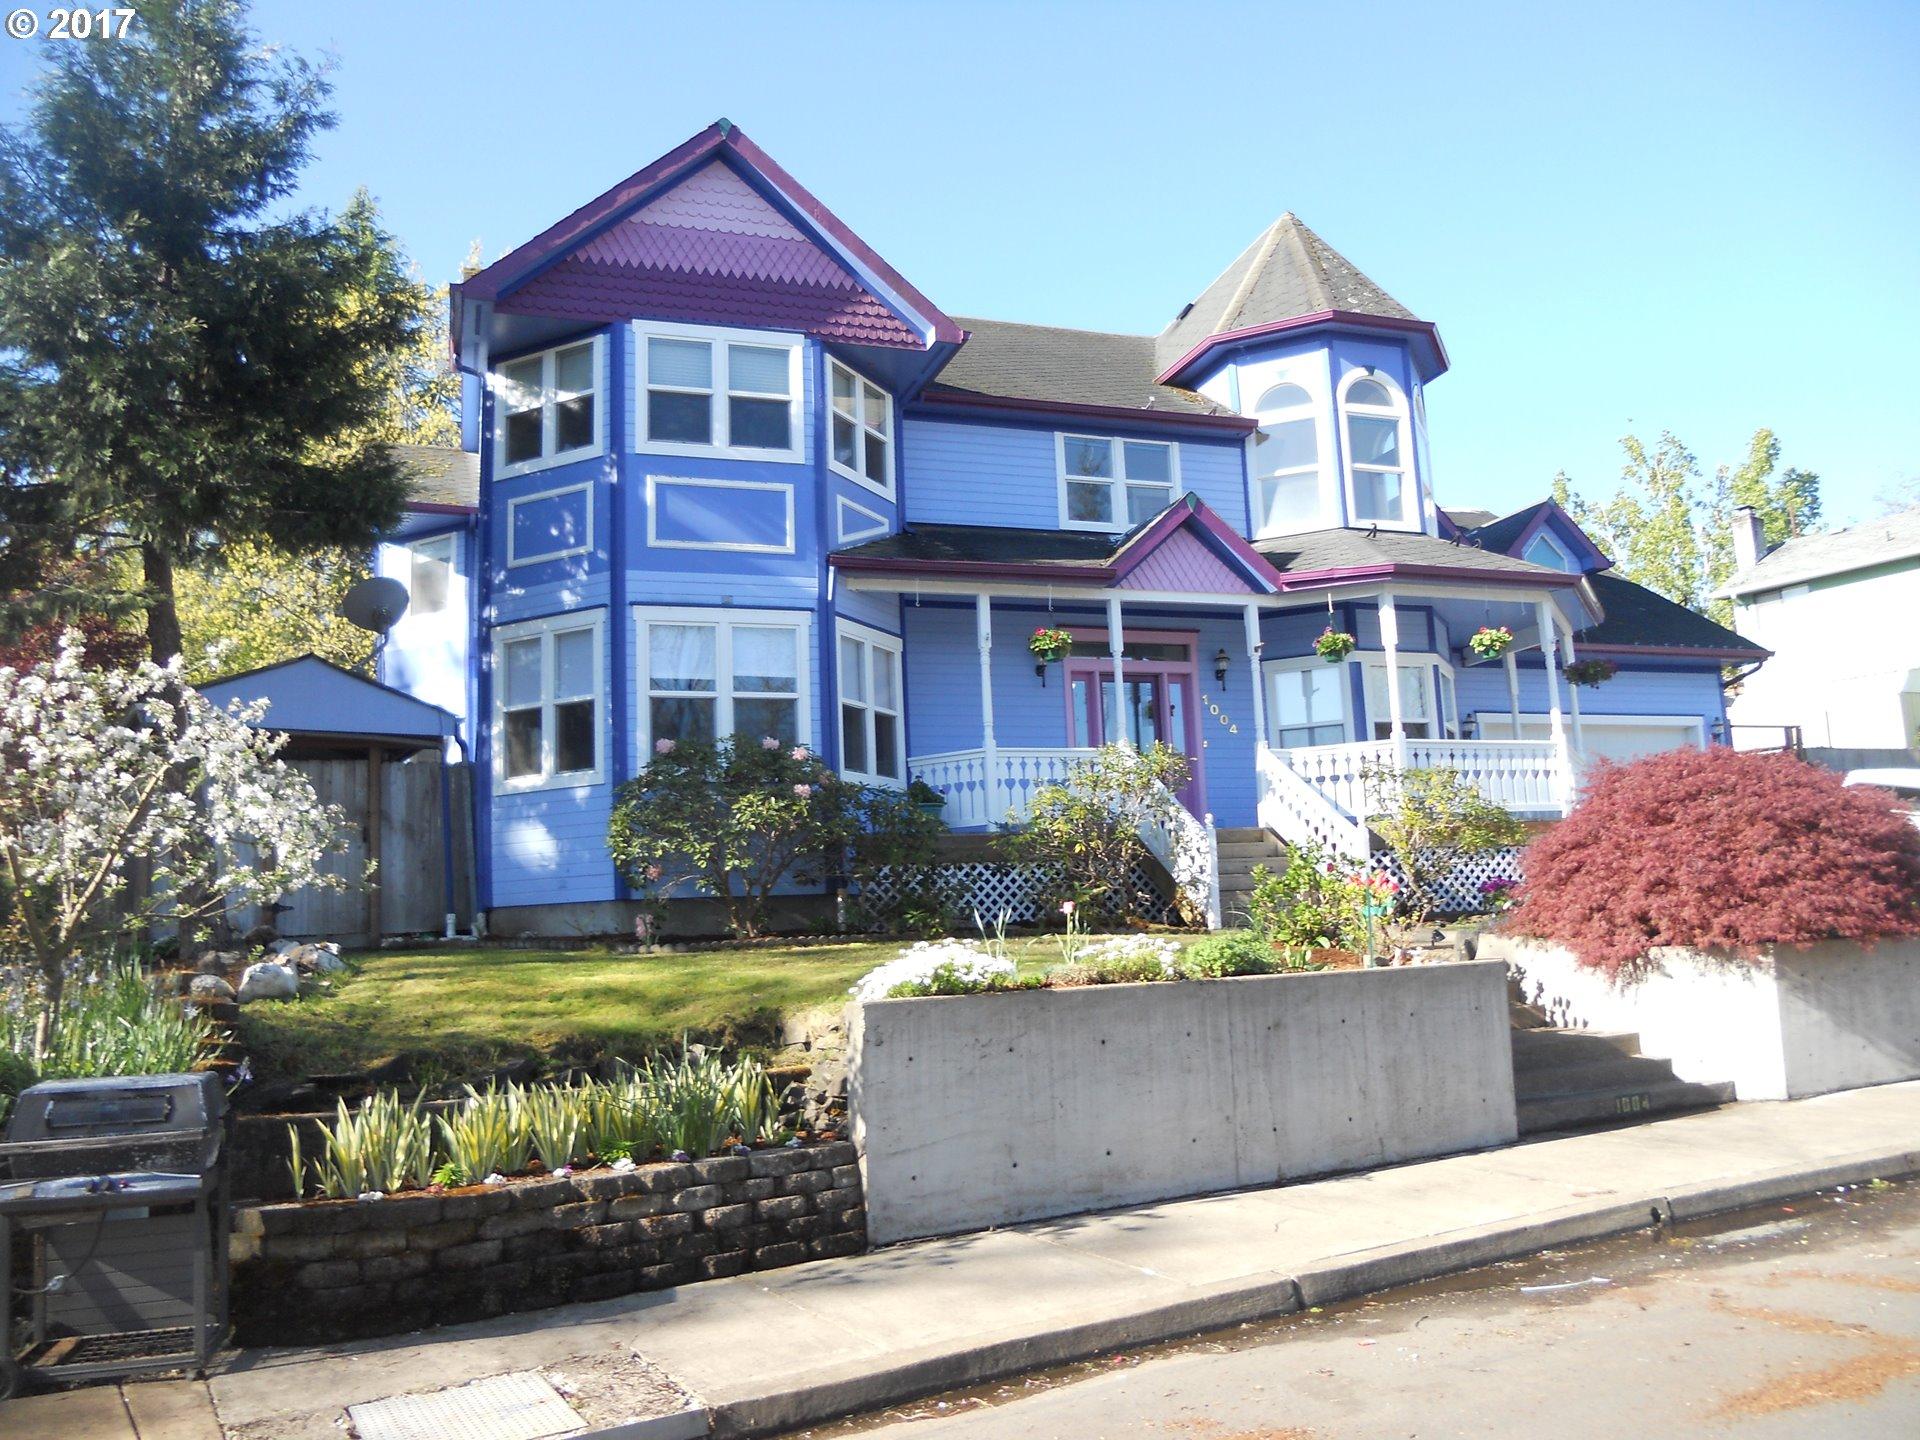 1004 TIARA ST, Eugene, OR 97405